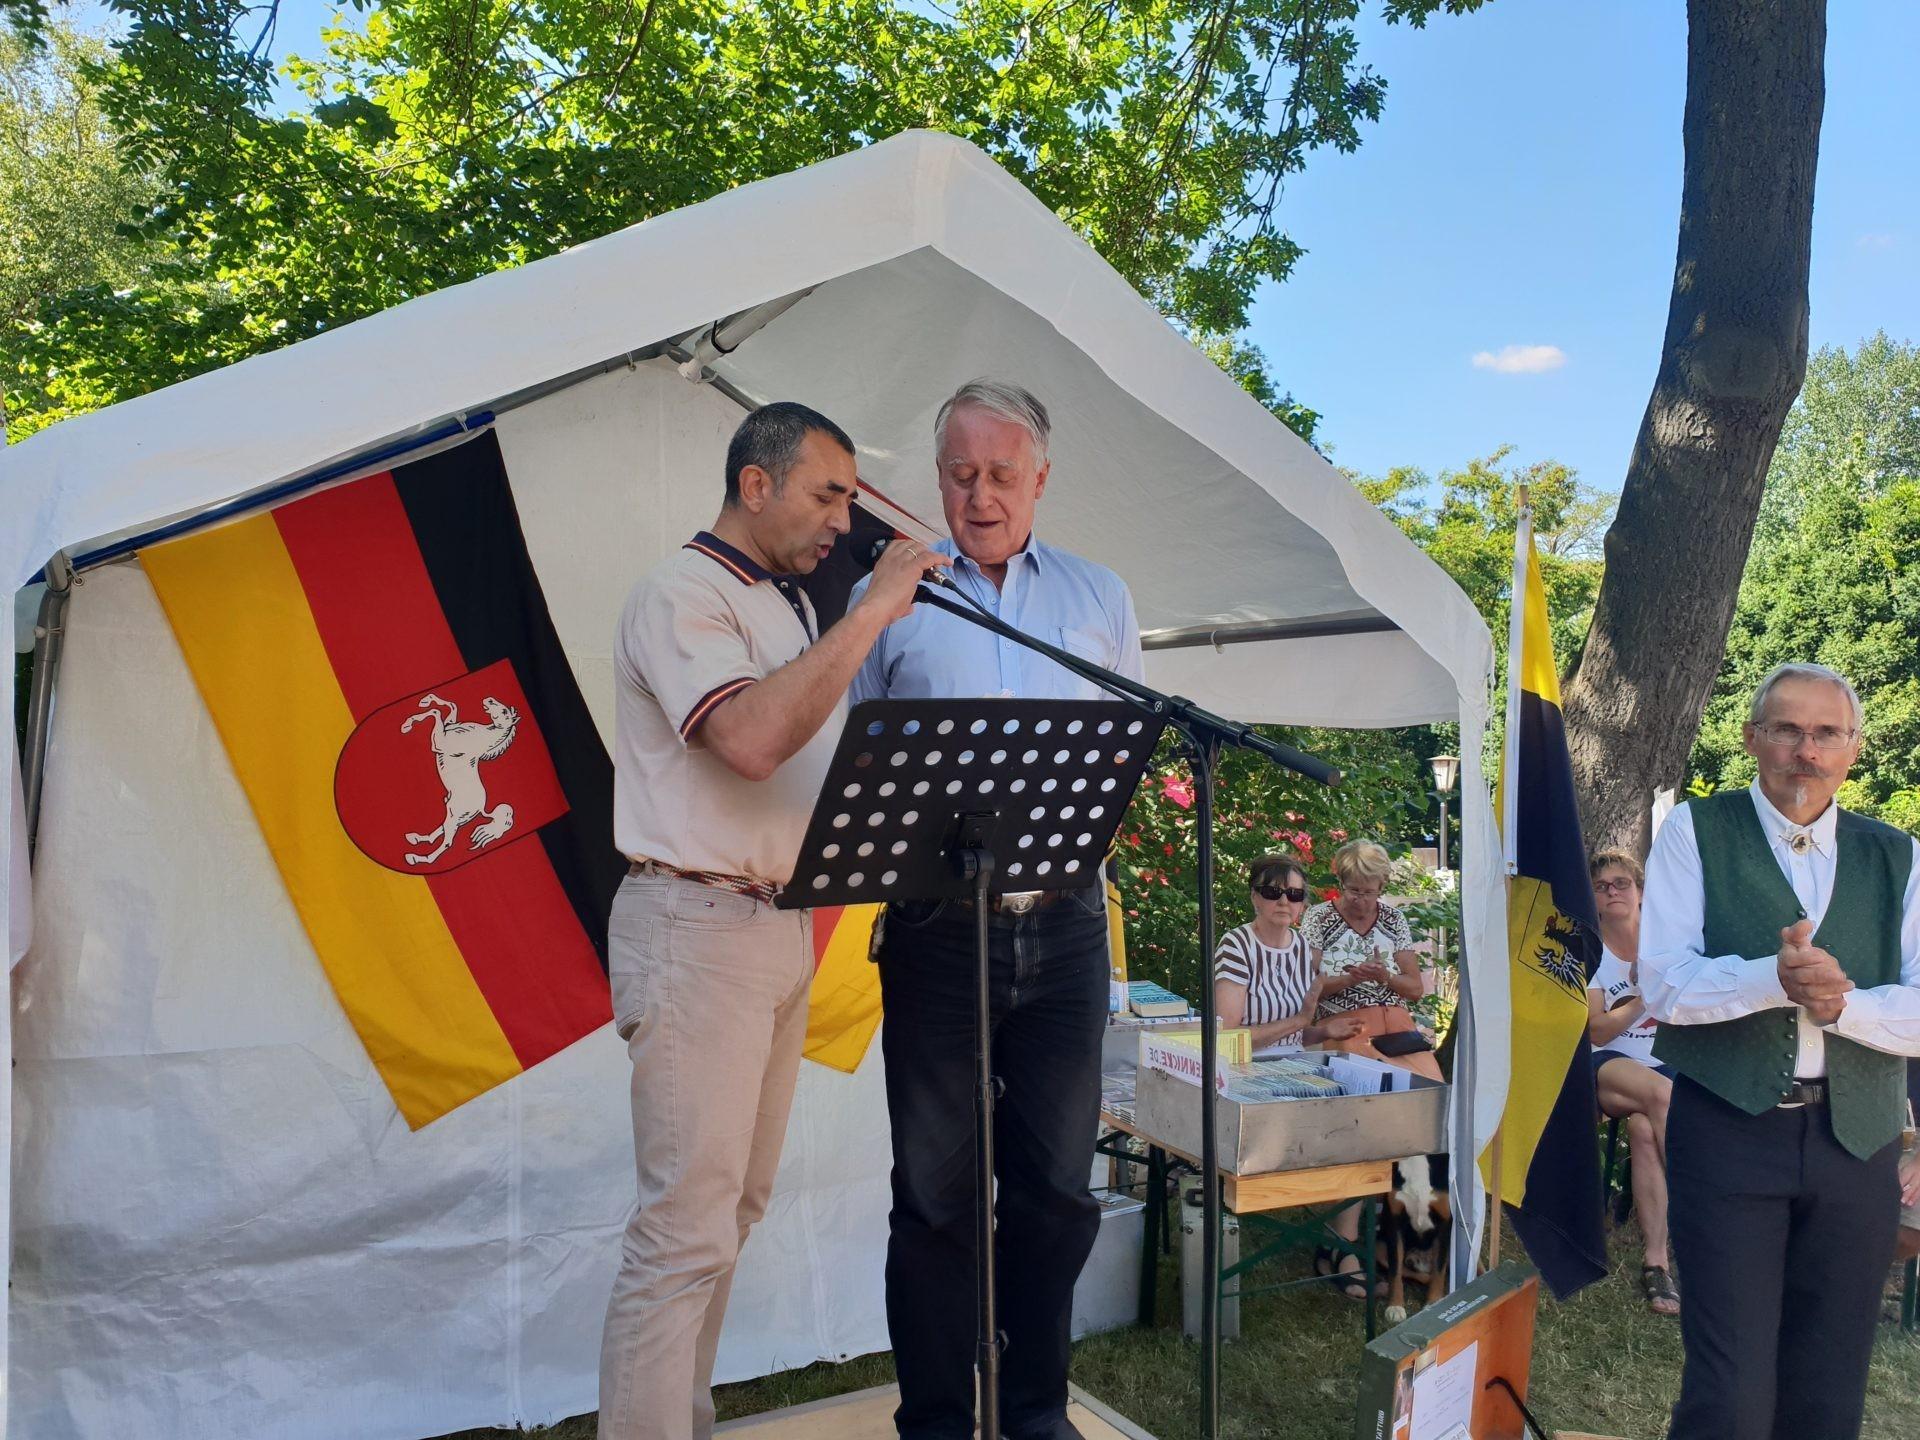 Discurso de Manuel Andrino en el Sommerfest del NPD